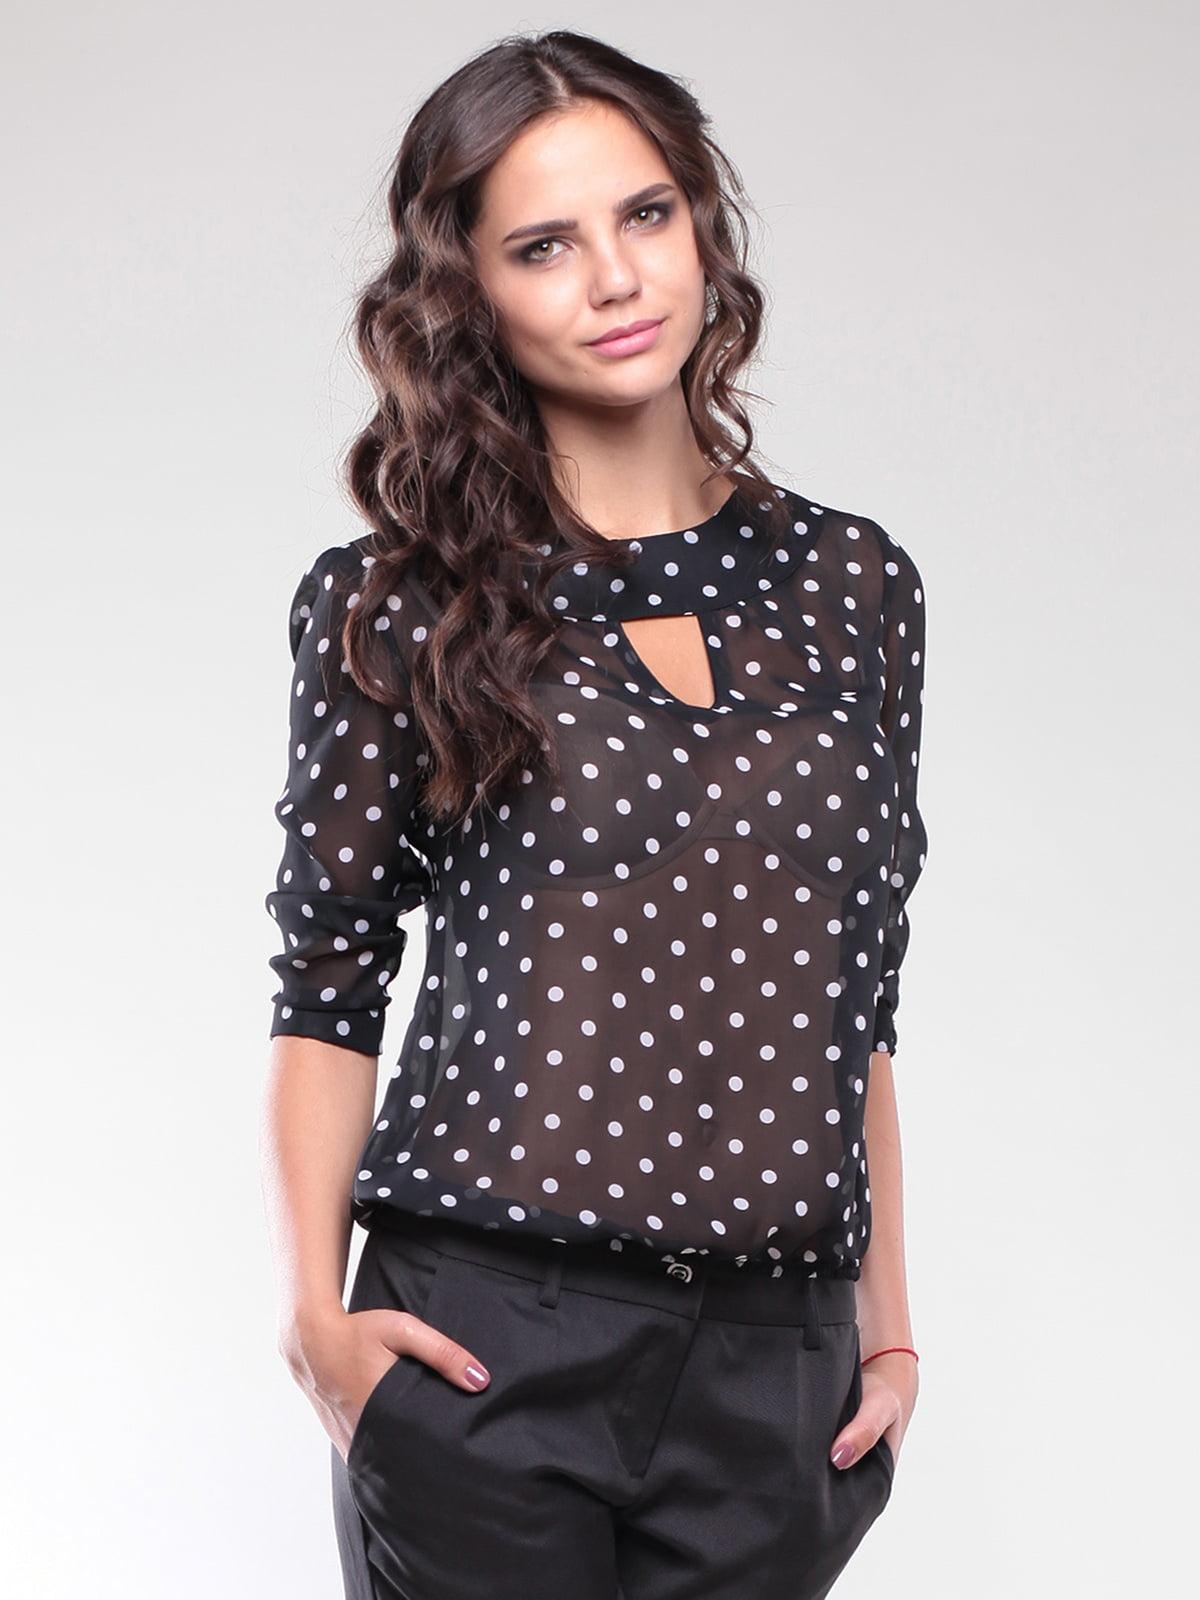 светлая блузка в горошек фото несмотря защиту попытки